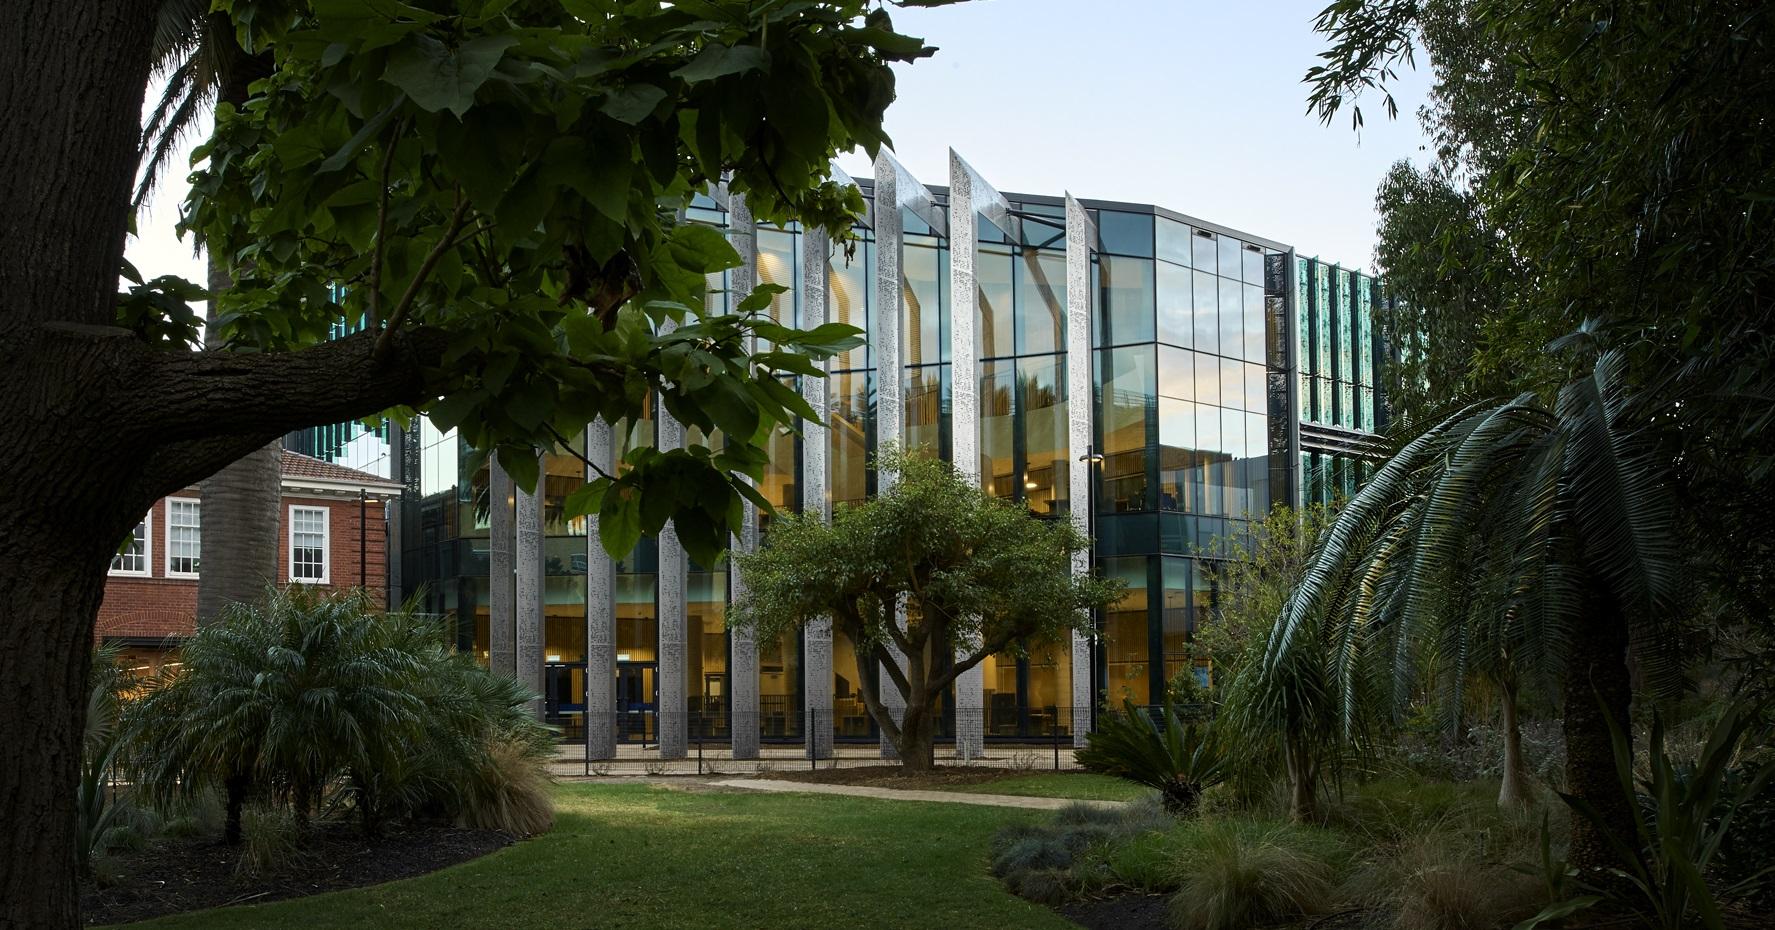 Université de Melbourne – Life Sciences Building